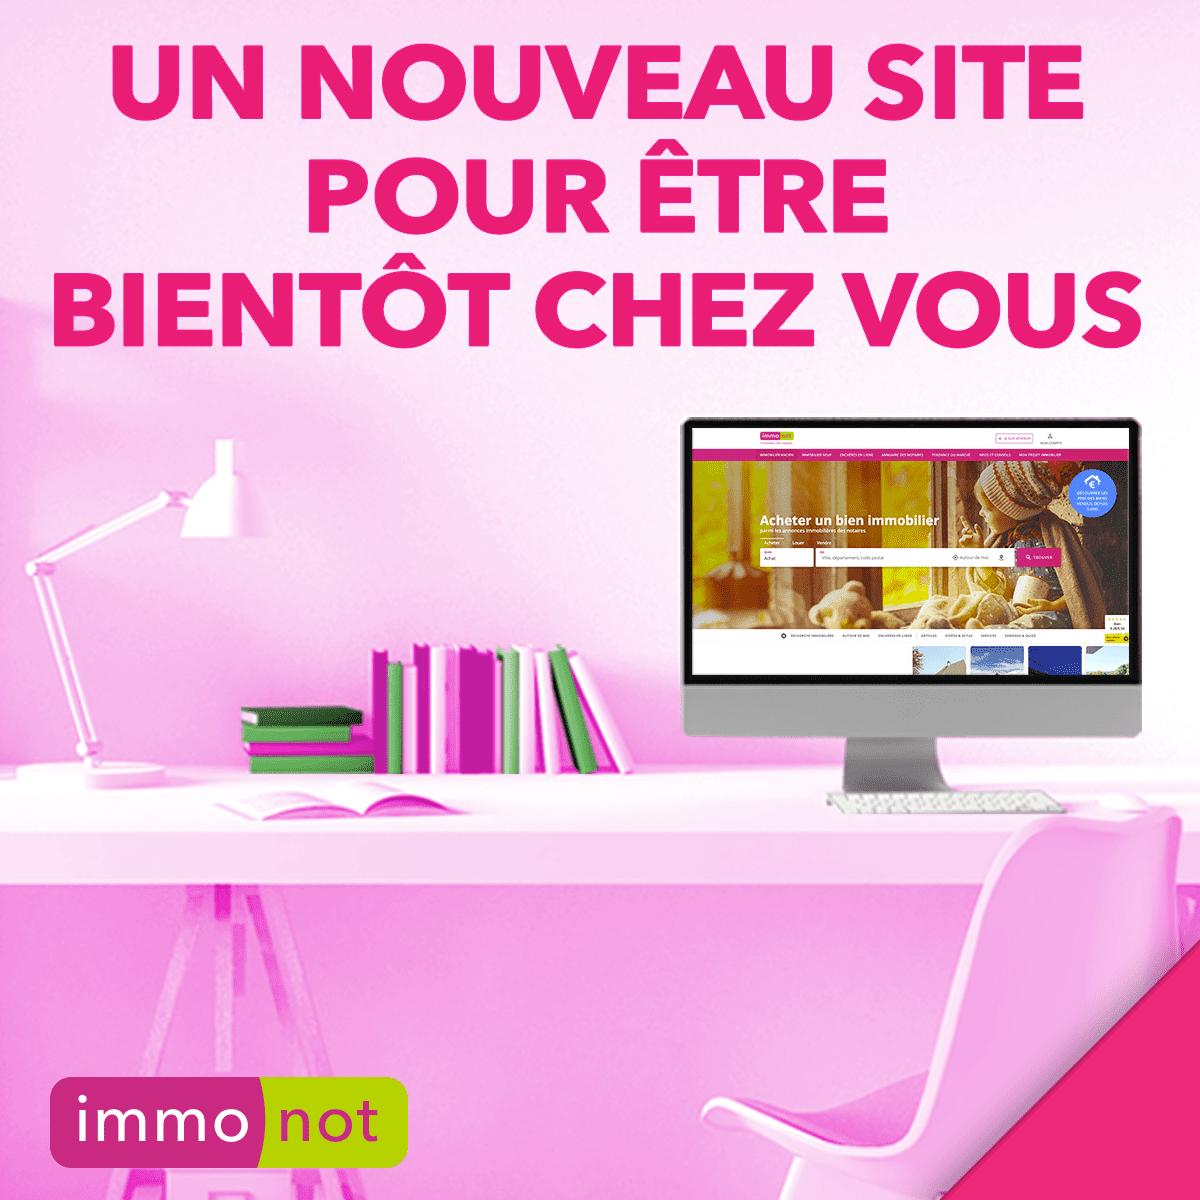 Bienvenue sur notre nouveau site web Immonot !